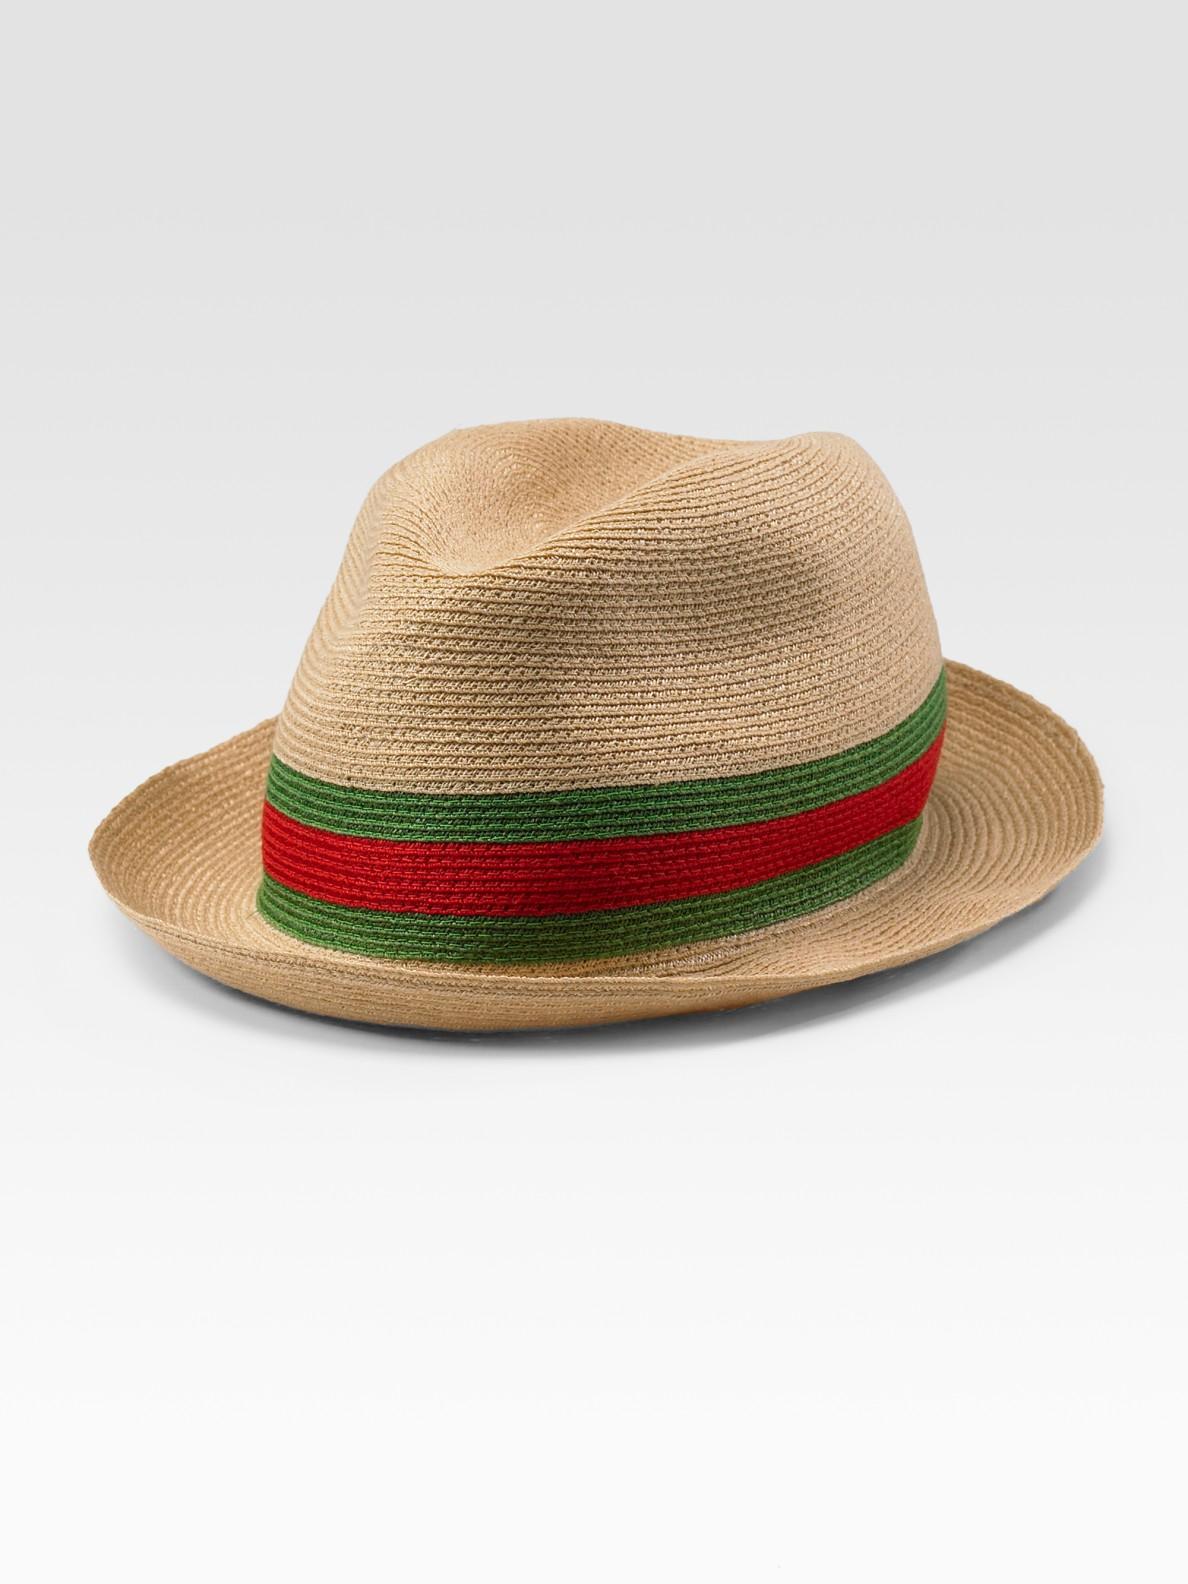 Black Fedora Hats Men